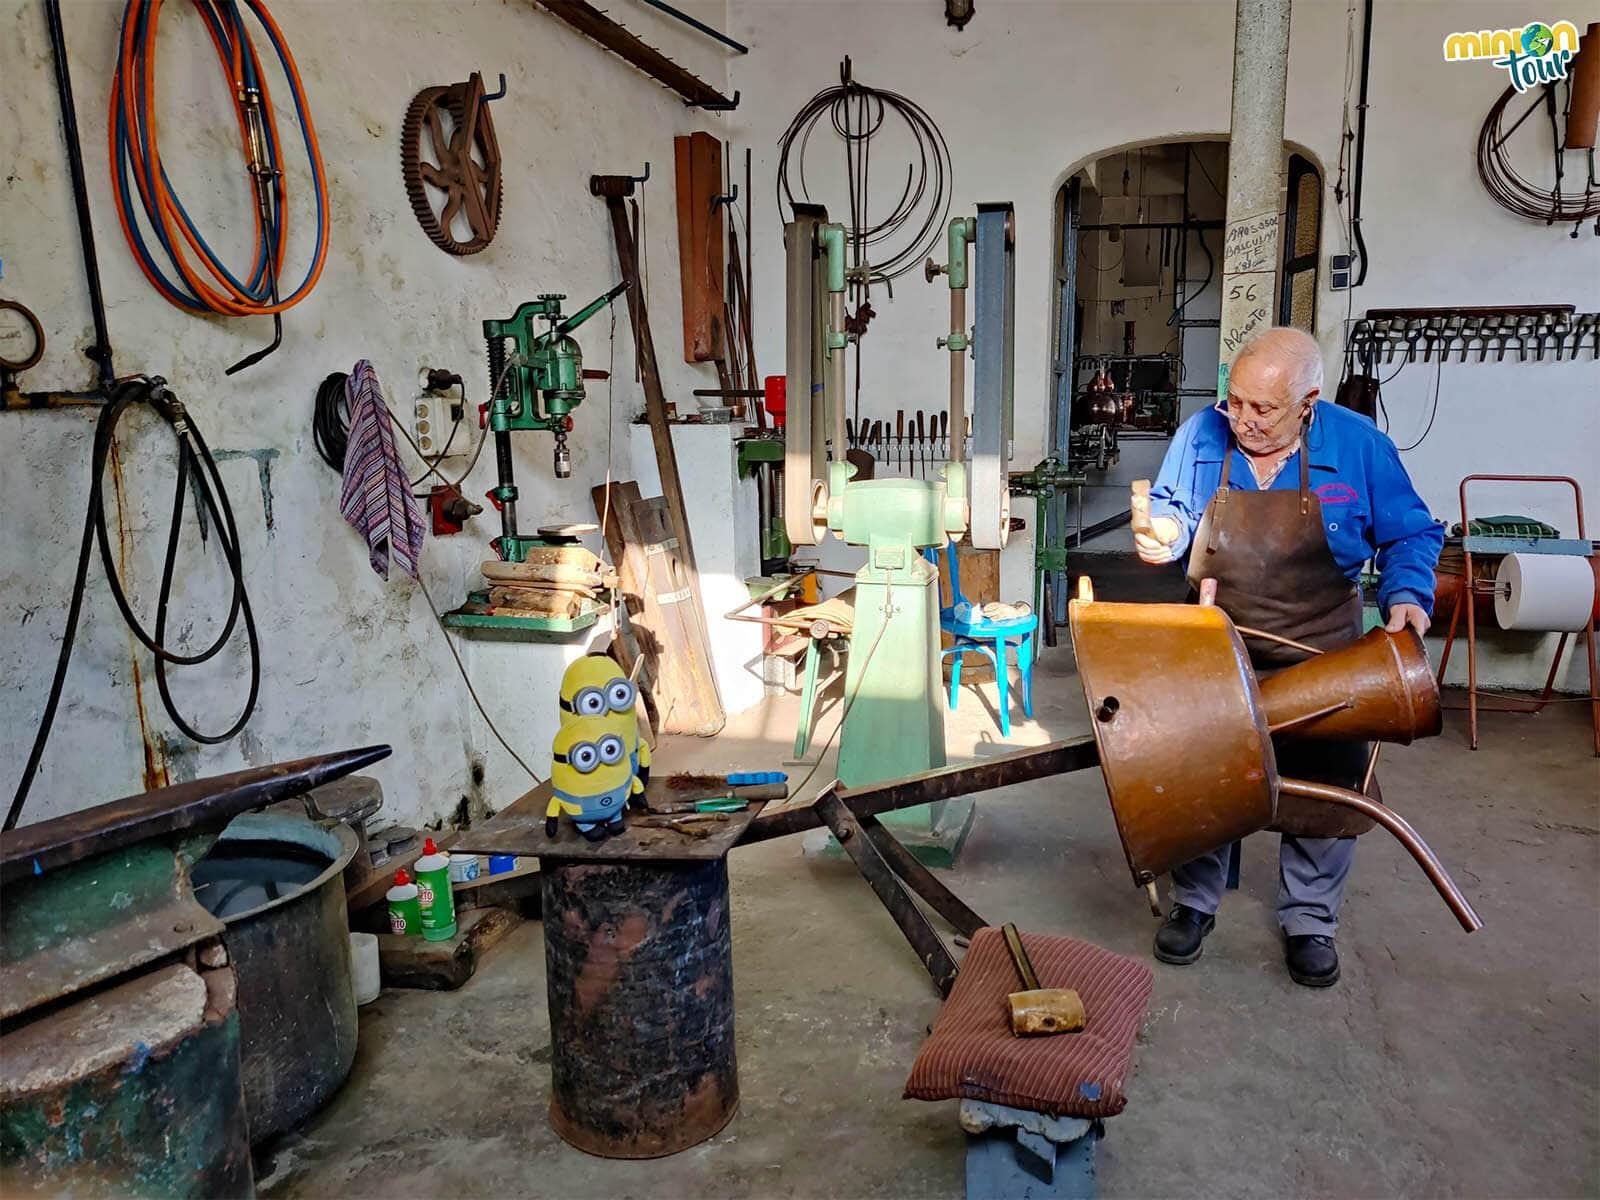 Aprendiendo a restaurar un alambique en el Taller de Manolete